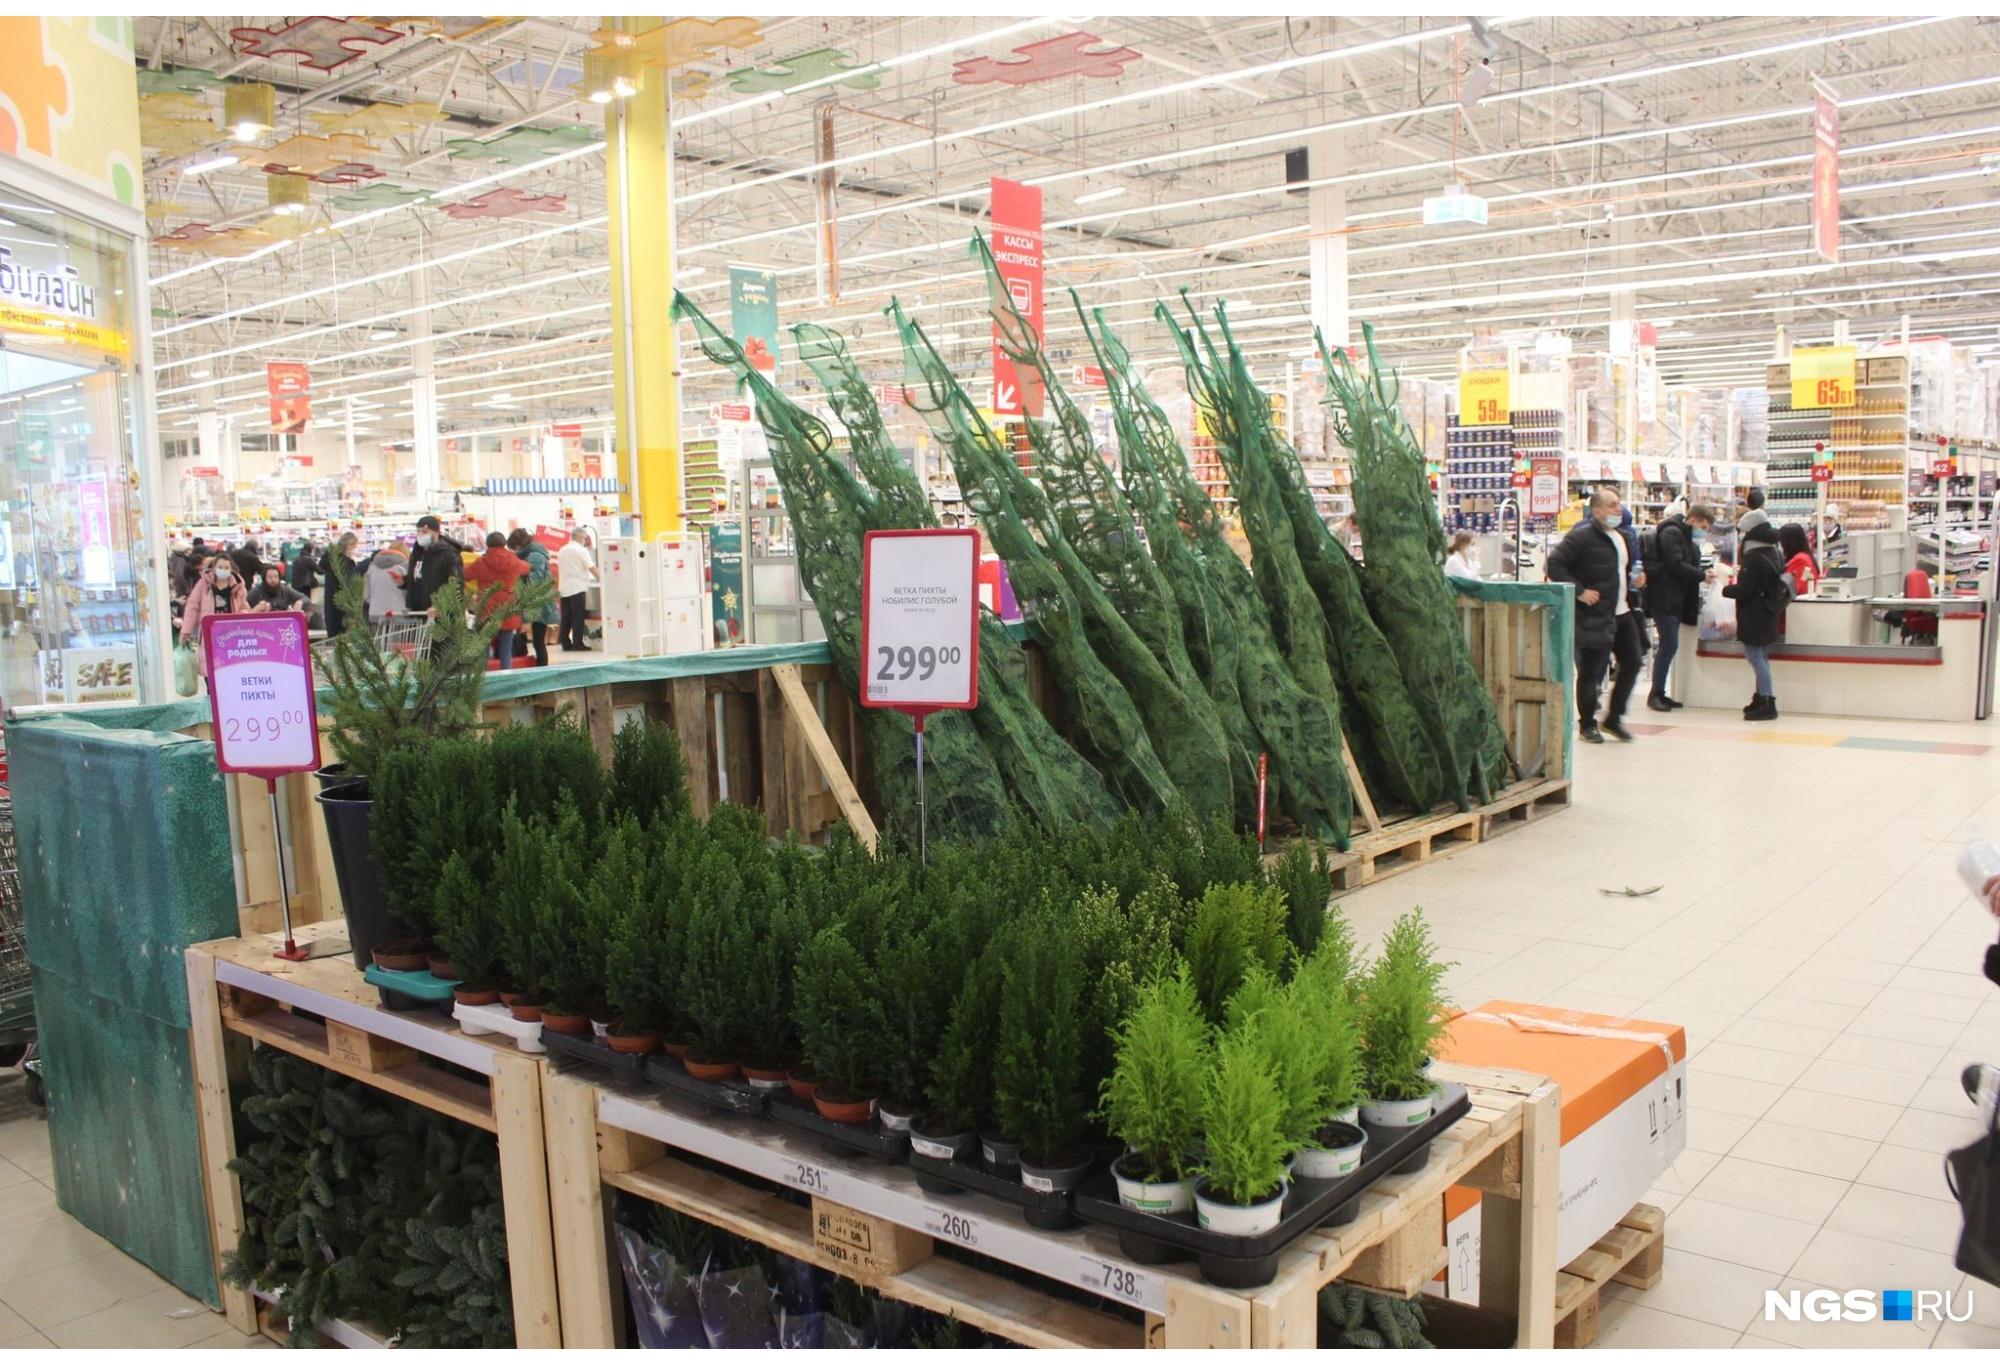 Также здесь можно купить маленькие декоративные деревья за 299 рублей